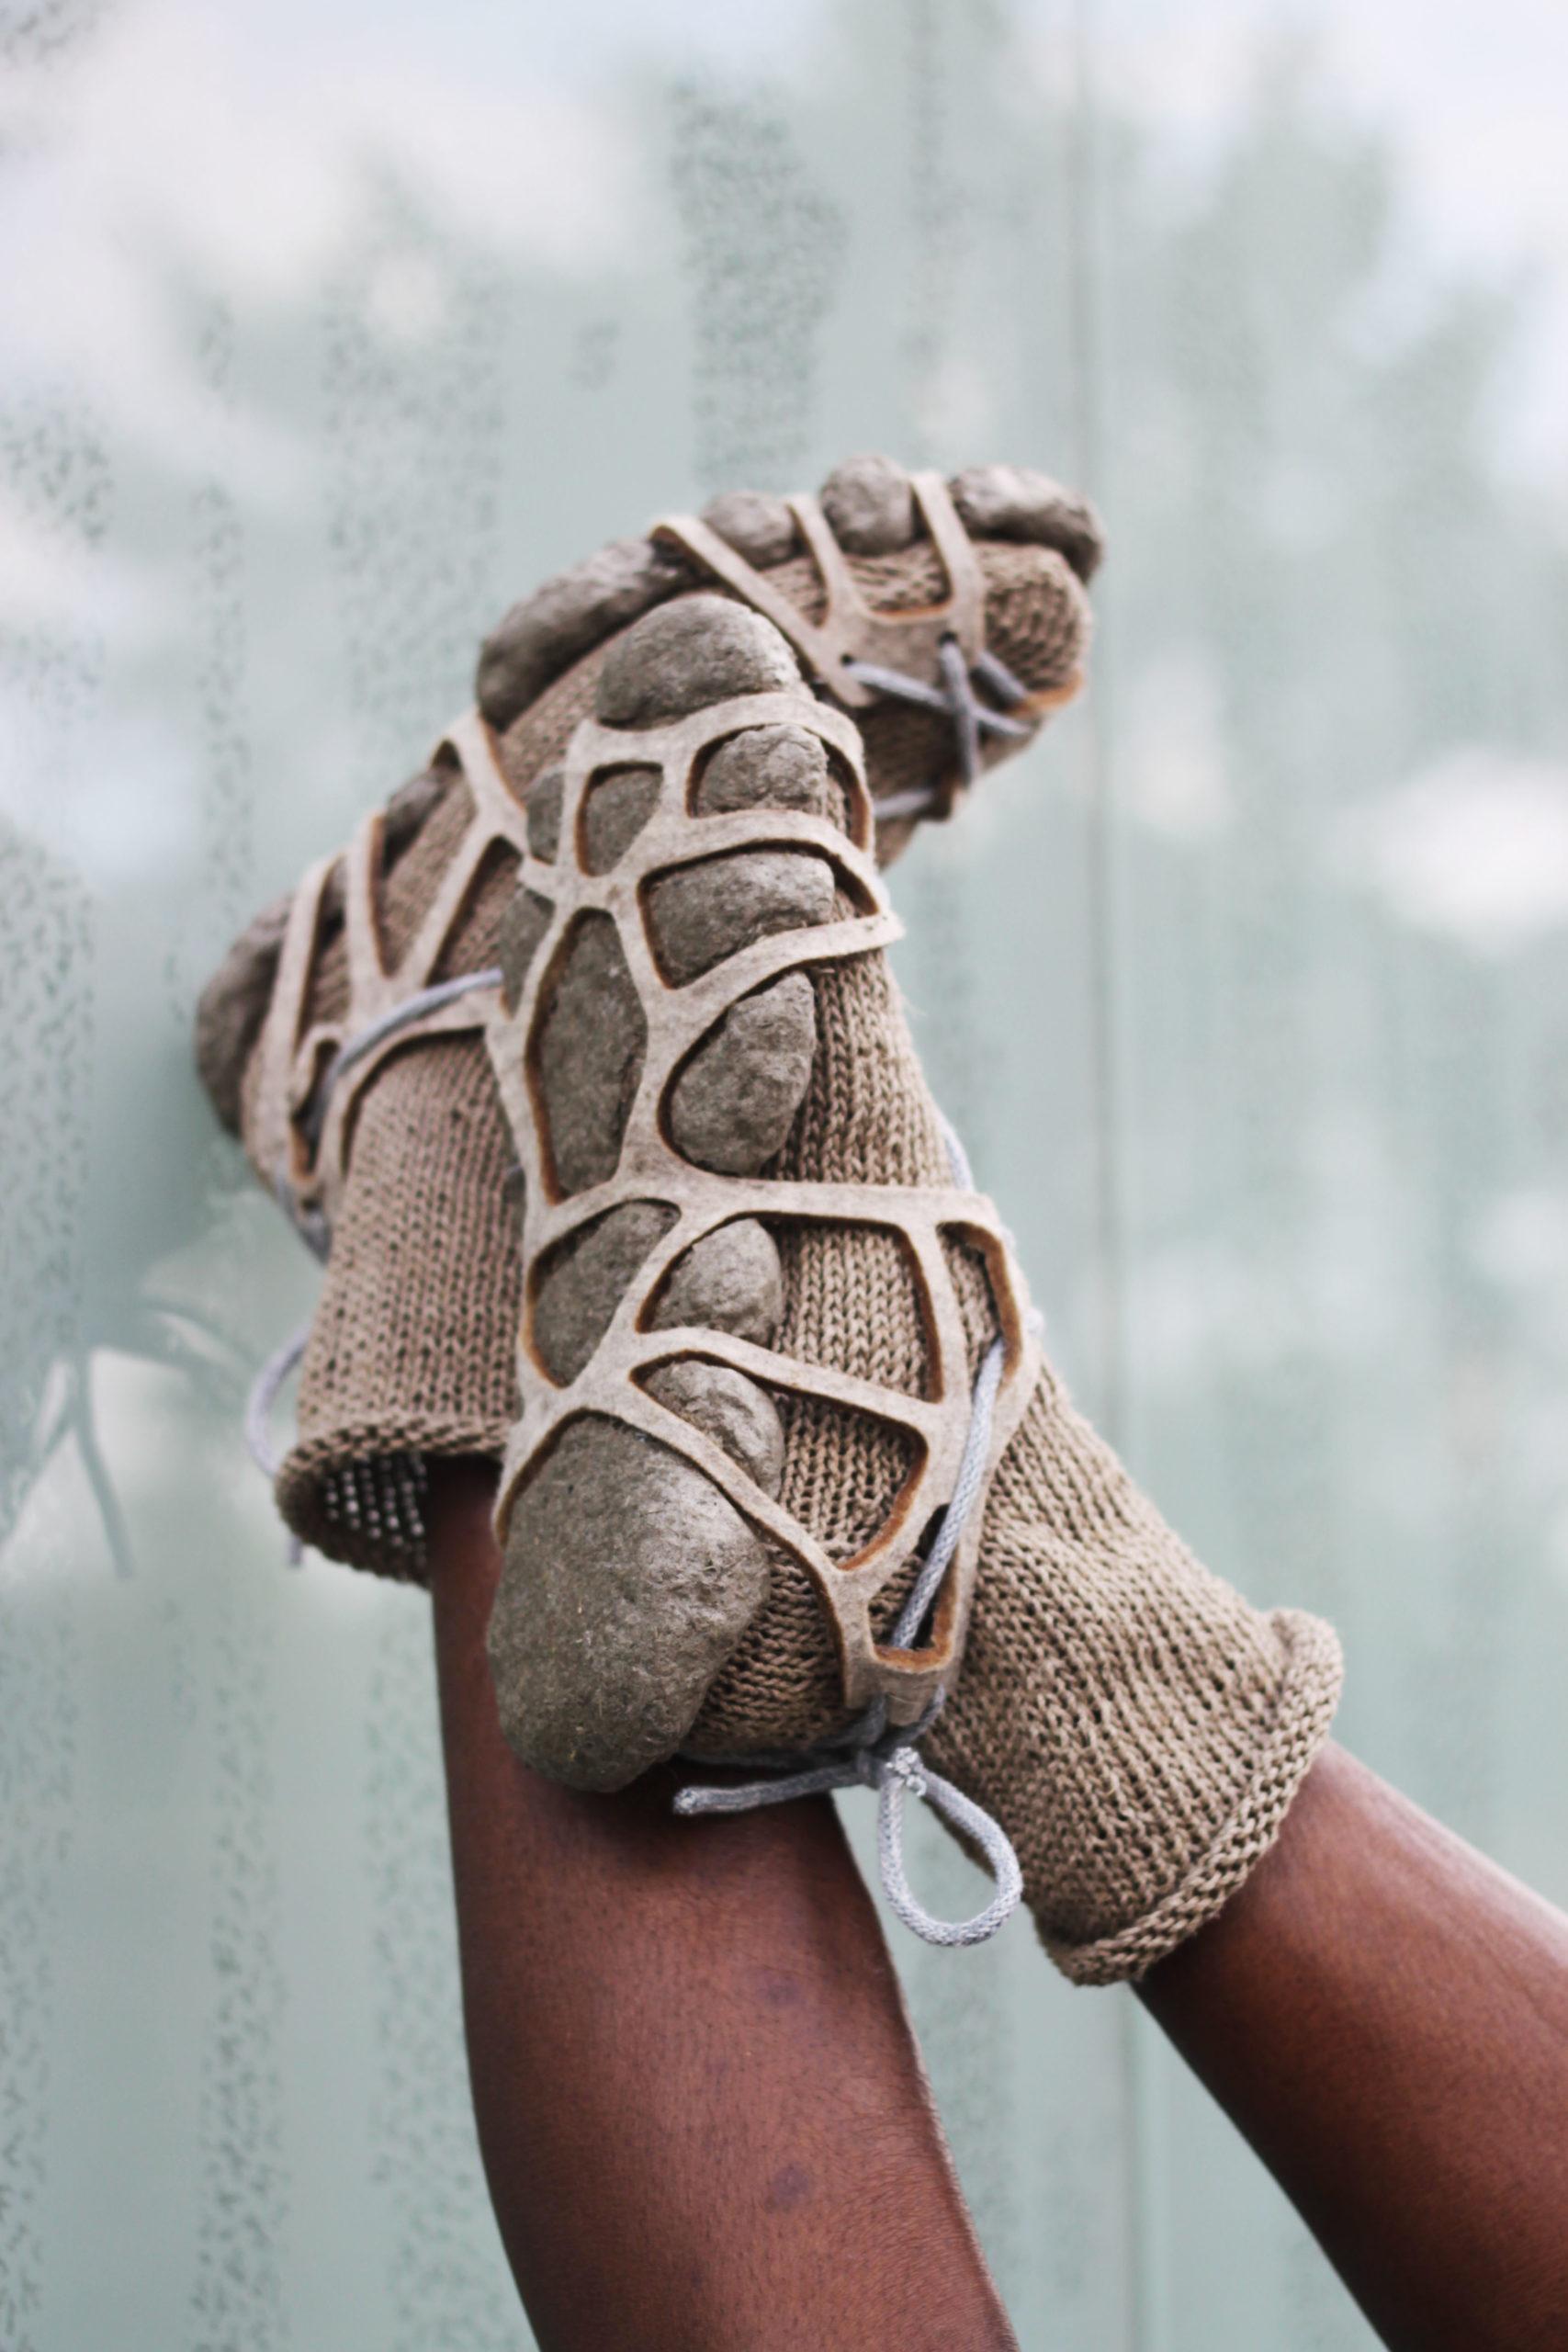 Schuh mit Ablaufdatum